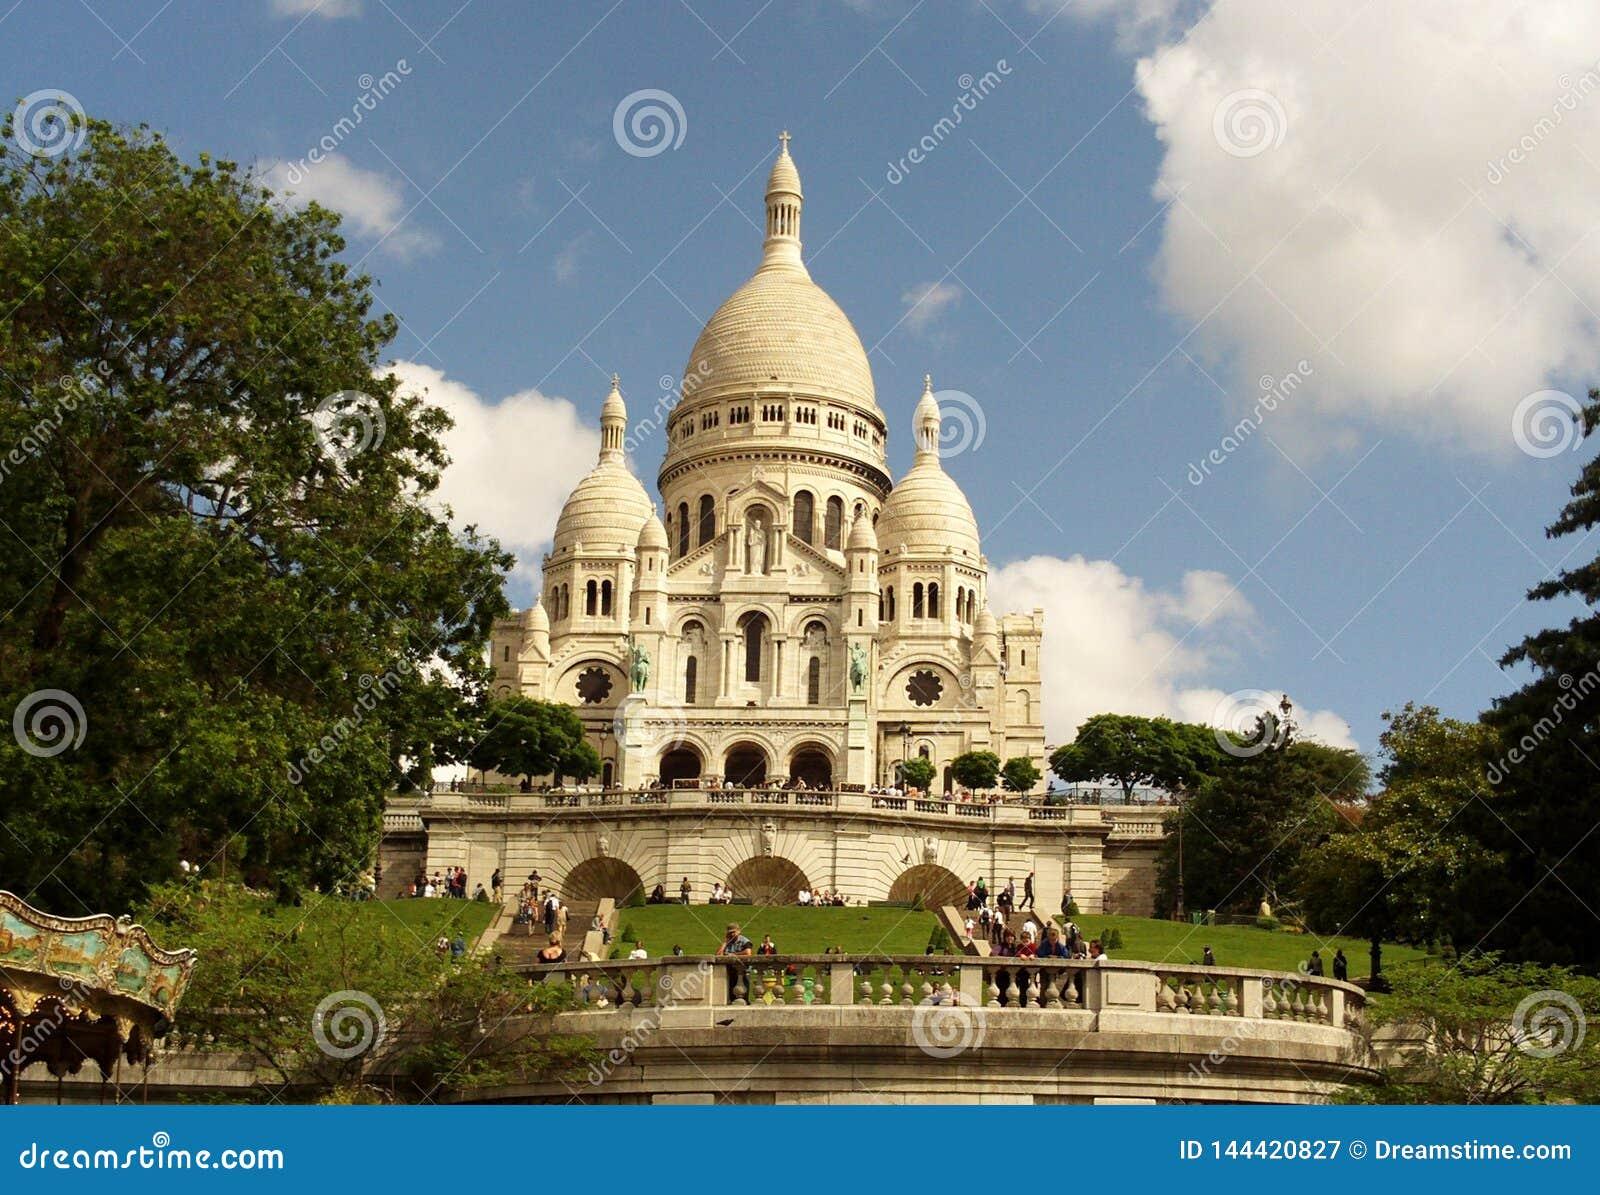 Basílica do coração sagrado, Paris, França